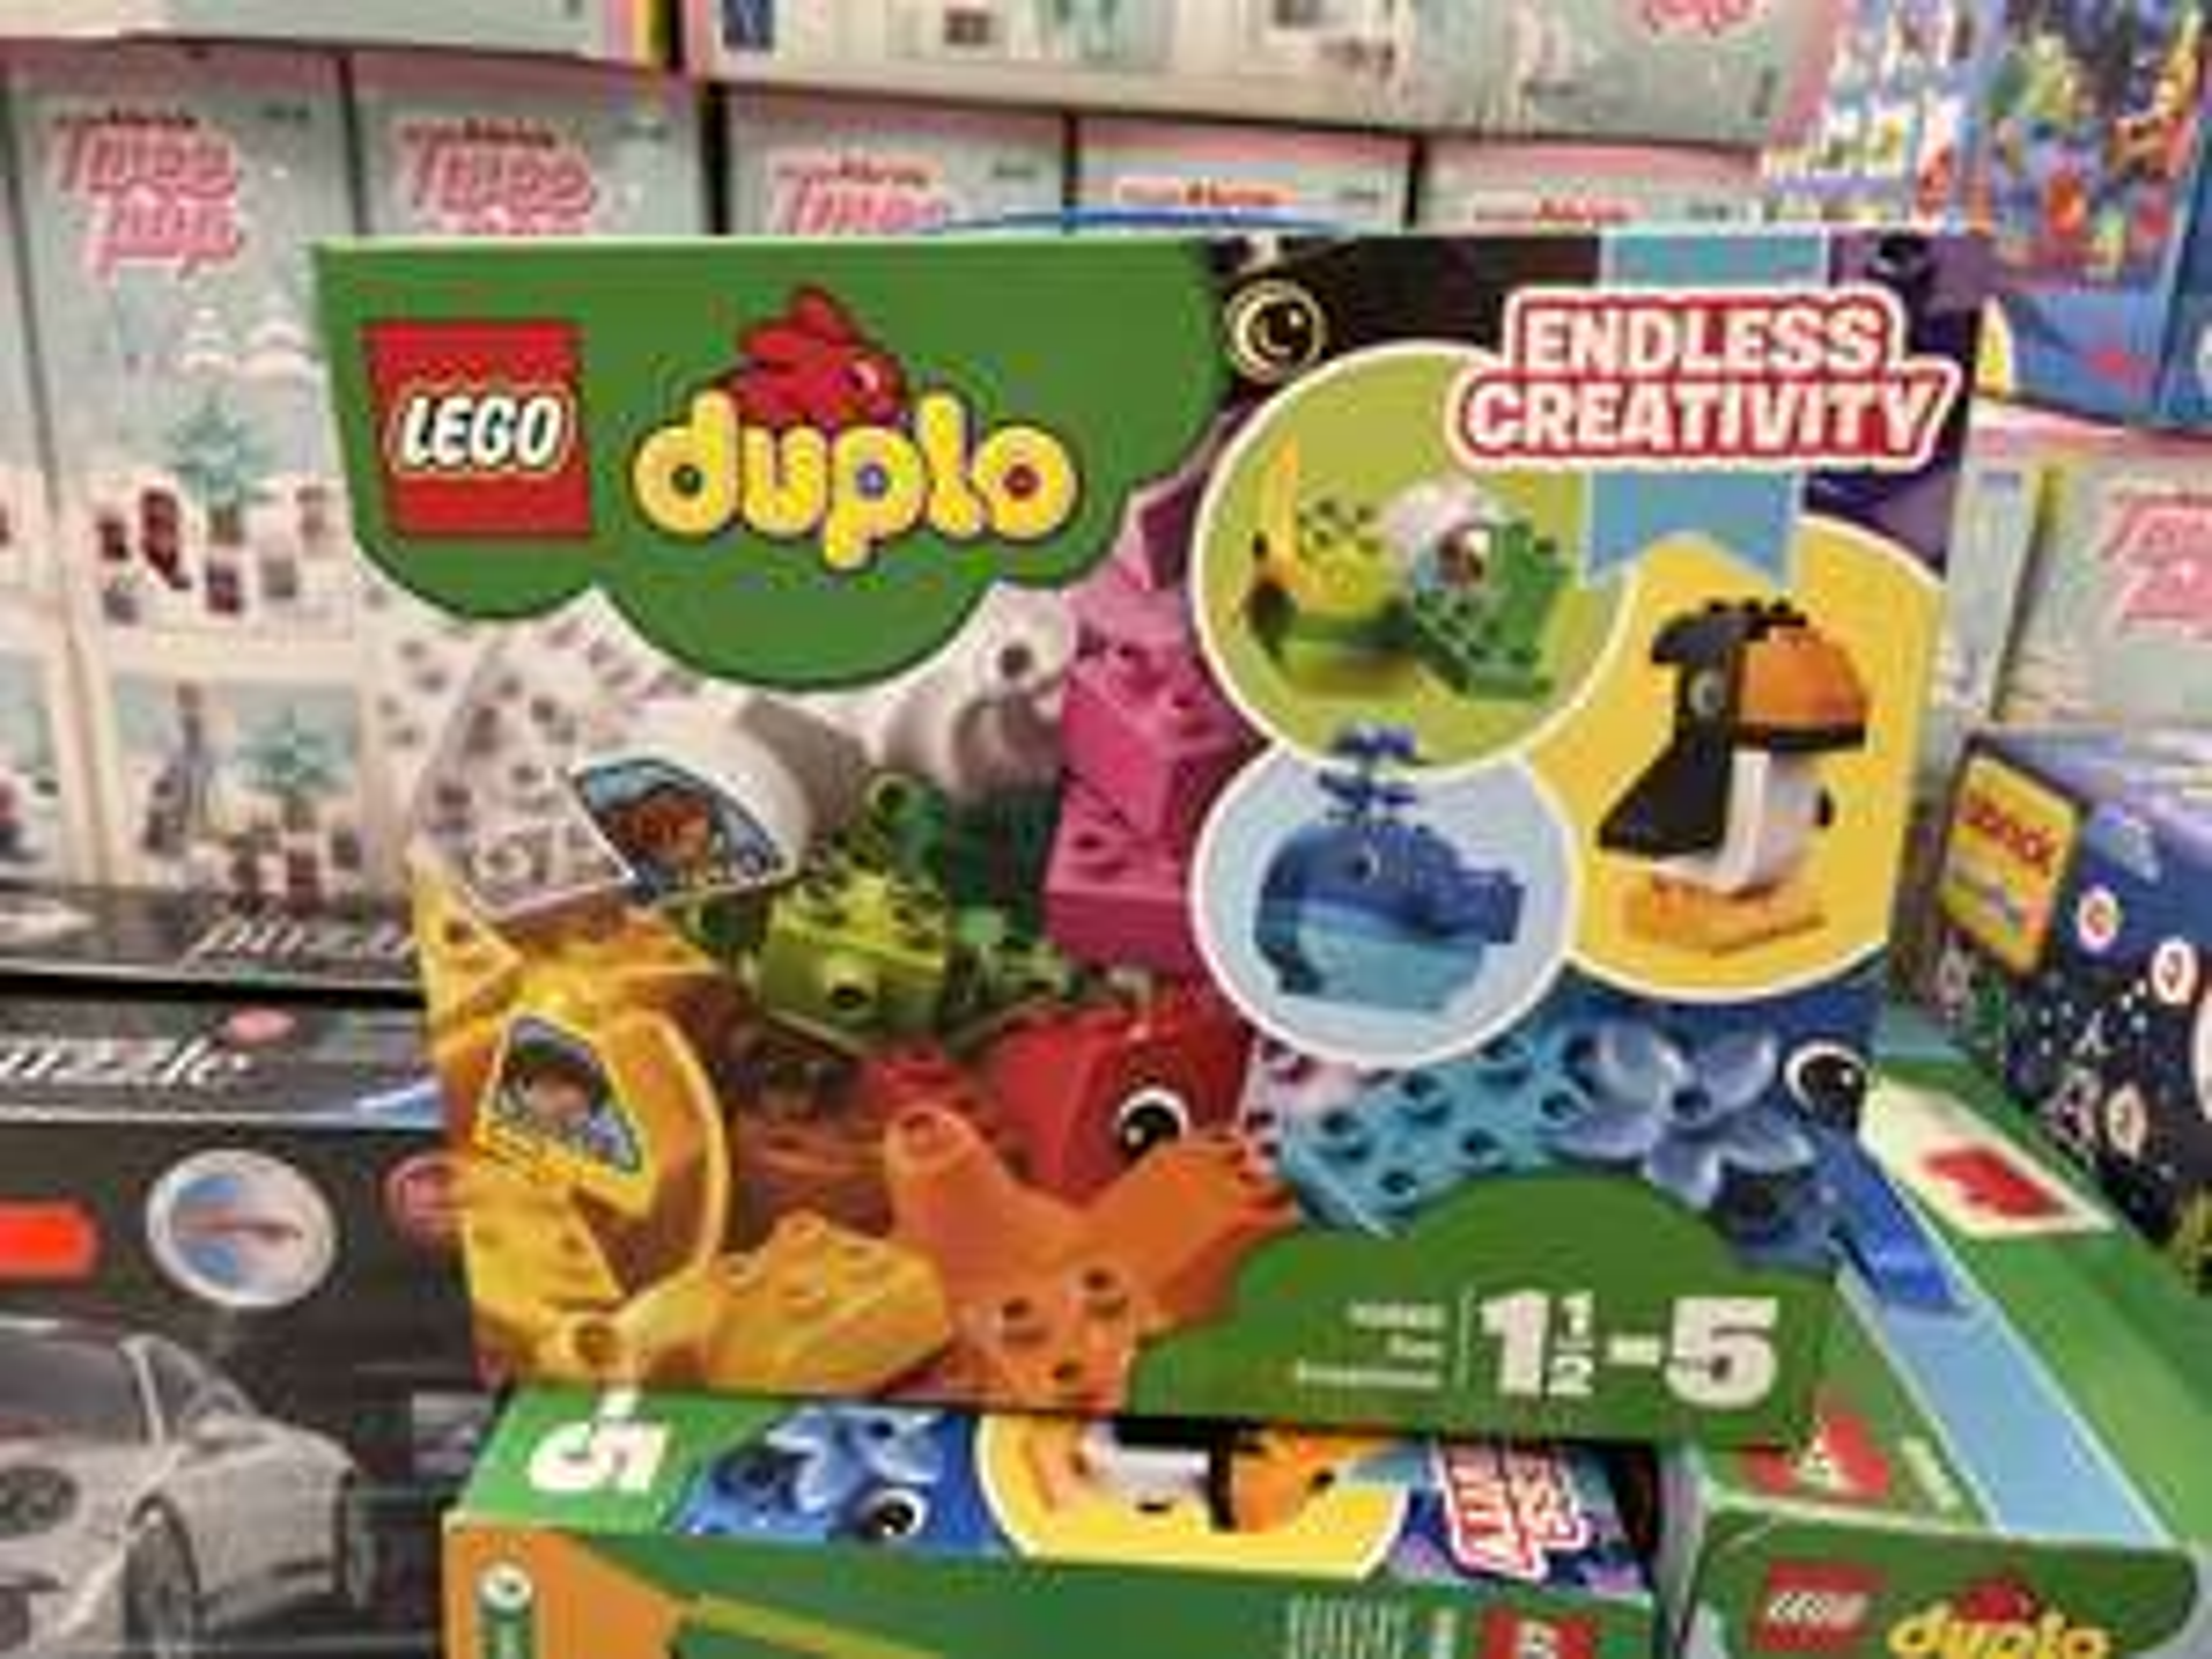 Jouet Lego Duplo - Les créations amusantes (10865) - Ollioules (83)